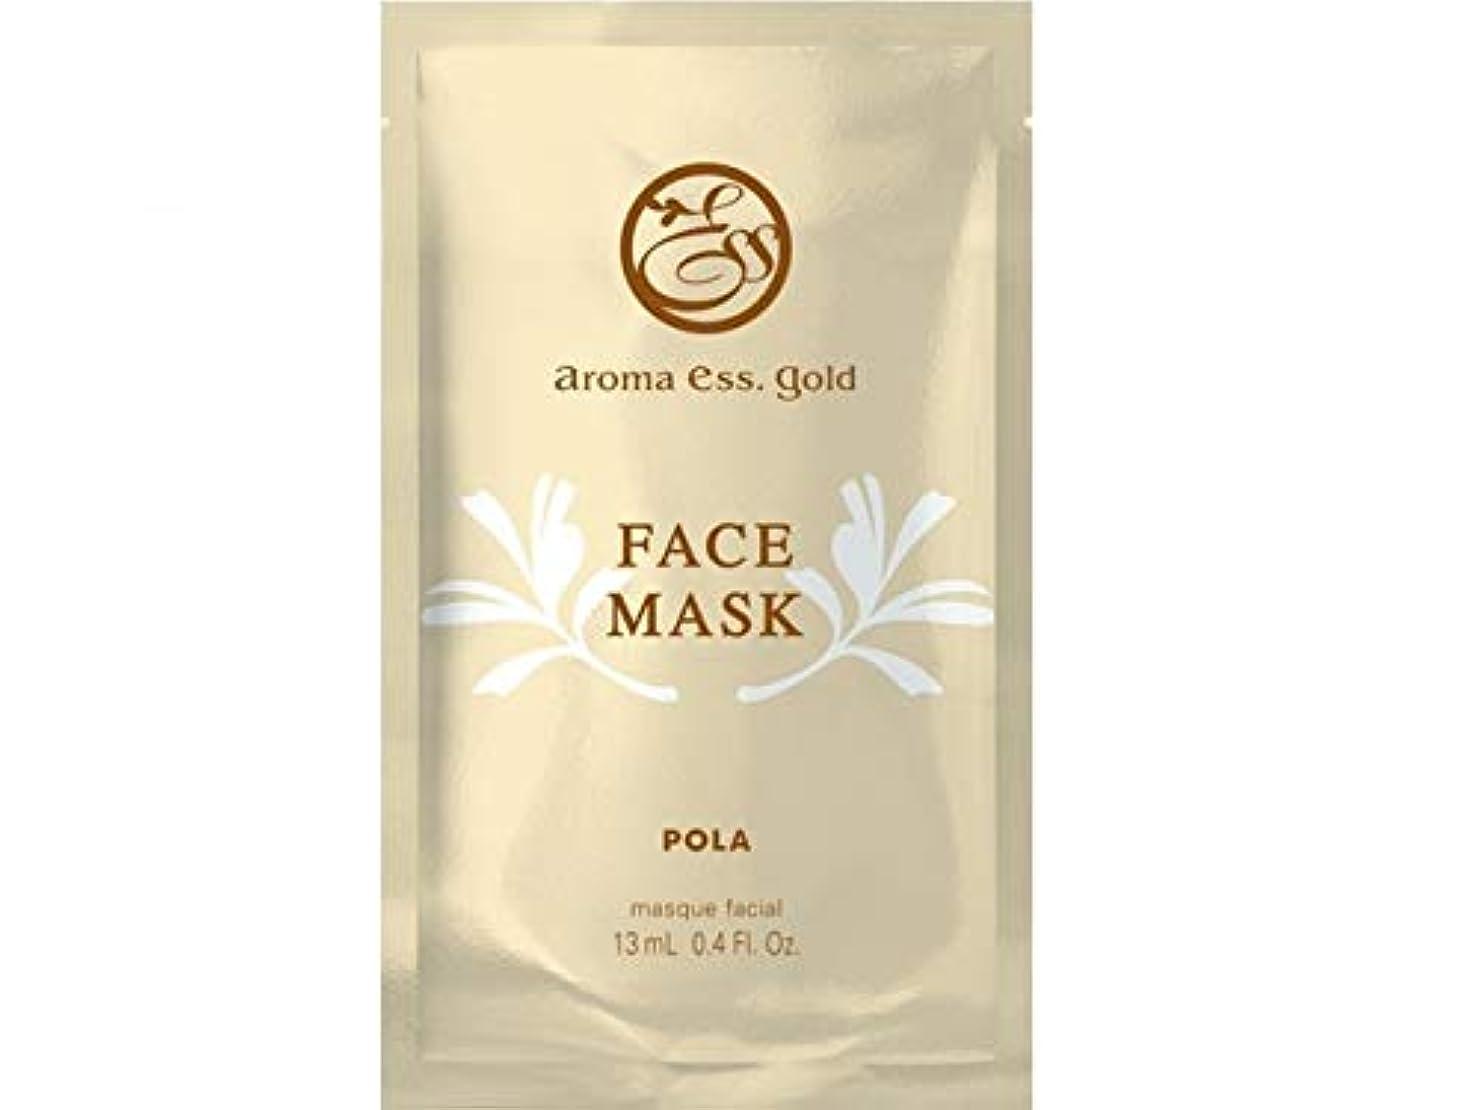 味付け死傷者スイス人POLA ポーラ aromaessegold アロマエッセゴールド フェイスマスク face mask 30枚セット 追跡可能メール便